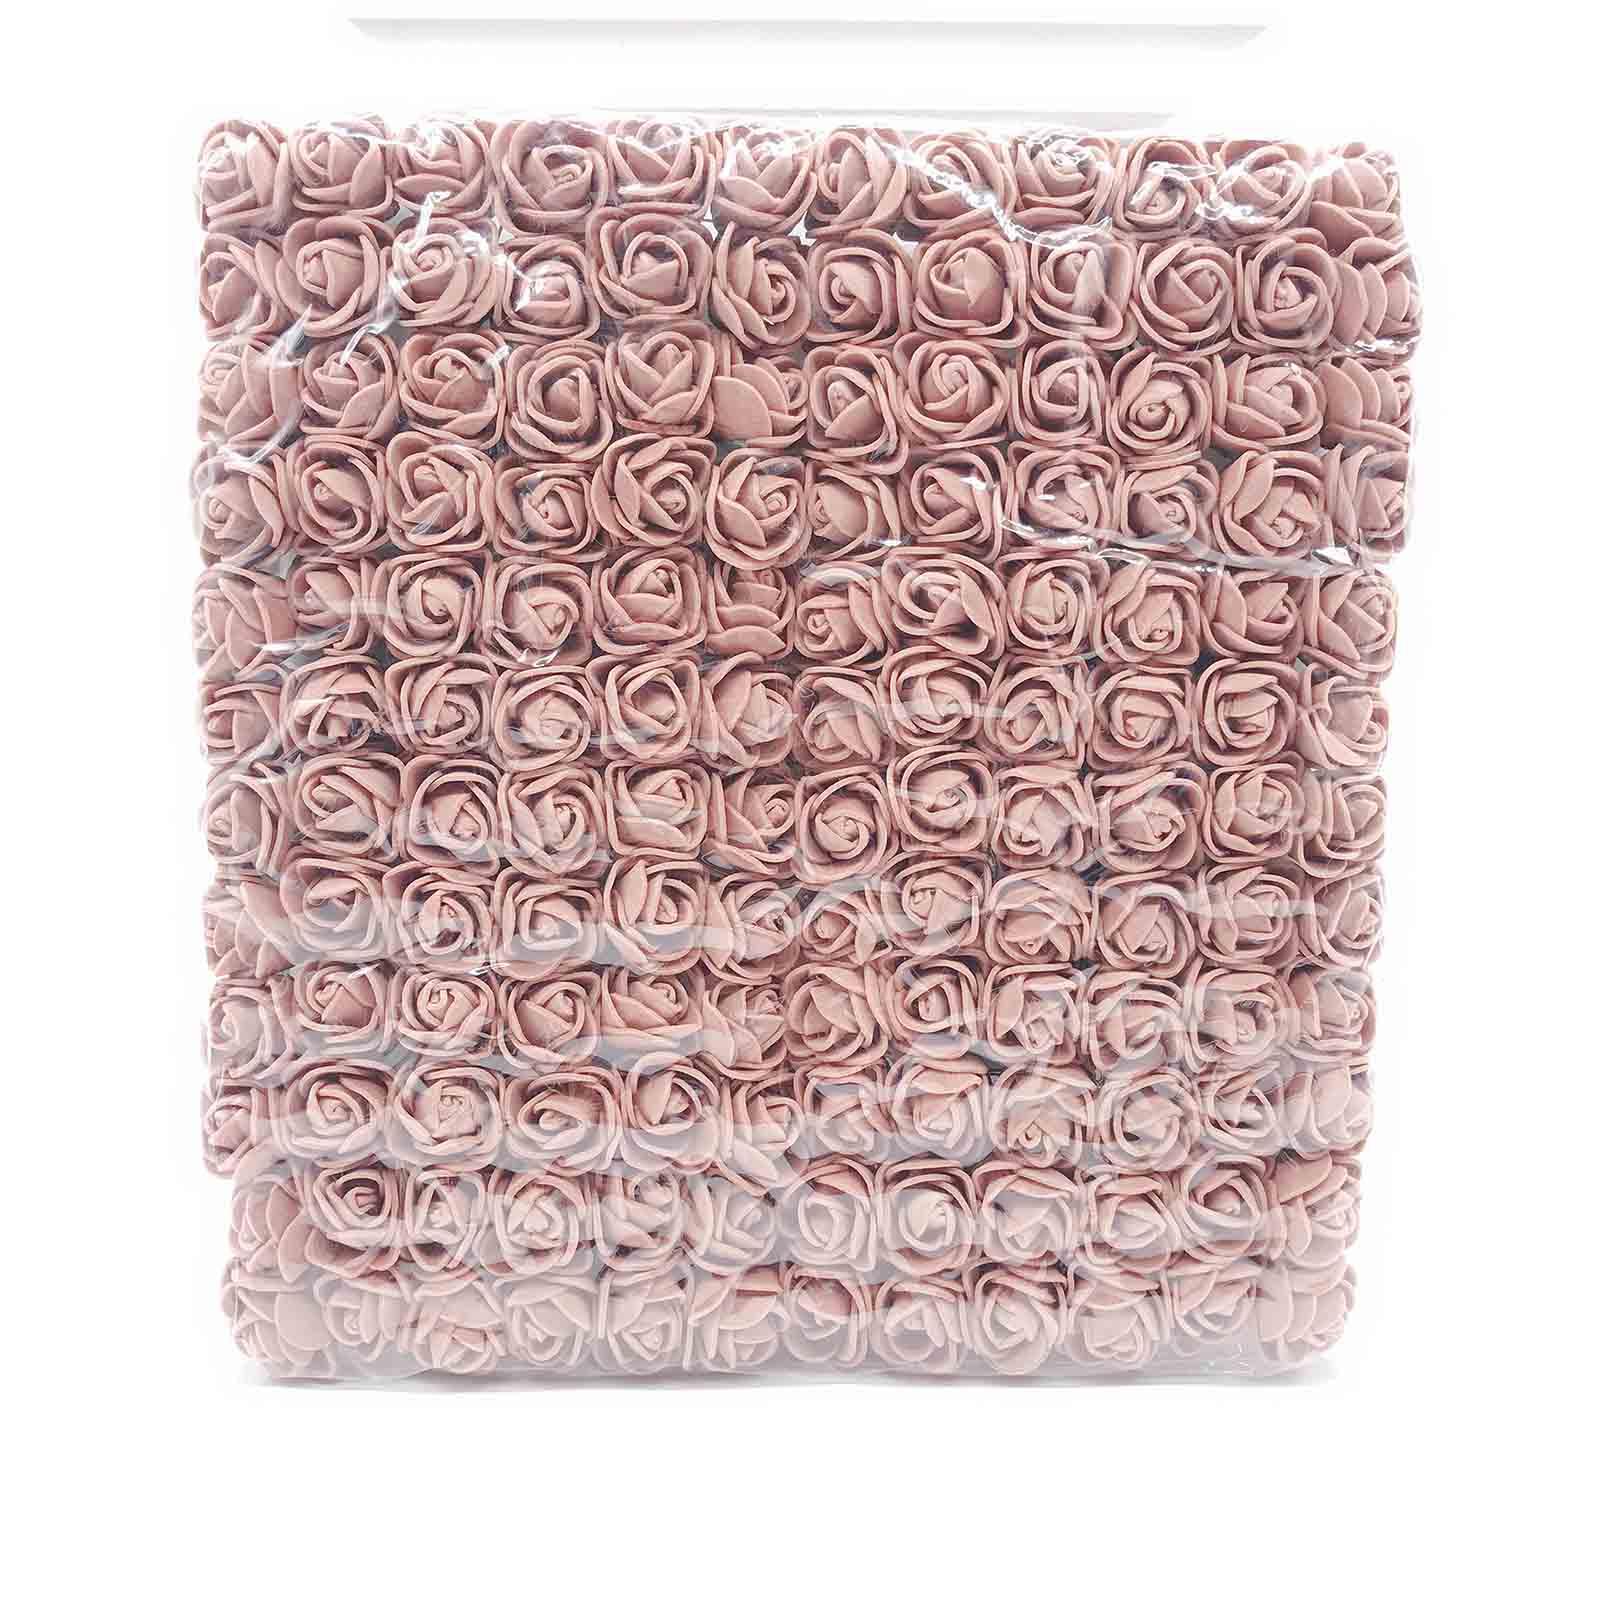 144 шт 2 см мини-розы из пенопласта для дома, свадьбы, искусственные цветы, декорация для скрапбукинга, сделай сам, венок, Подарочная коробка, дешевый искусственный цветок, букет - Цвет: 13